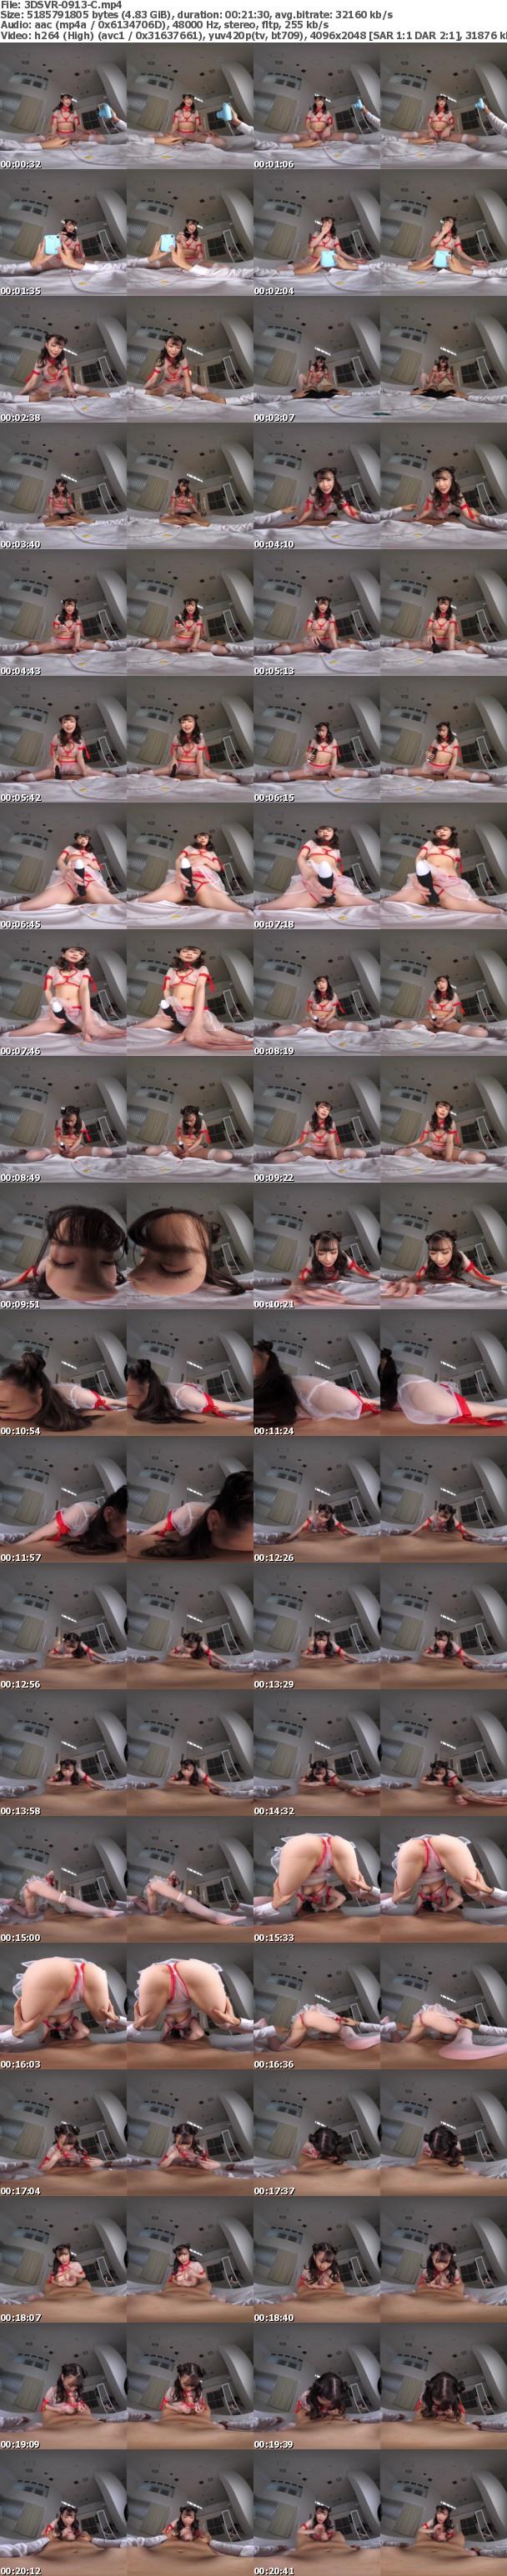 (VR) 3DSVR-0913 【個撮】コスプレアイドルにキンタマの中身た~っぷり注入 めいみ